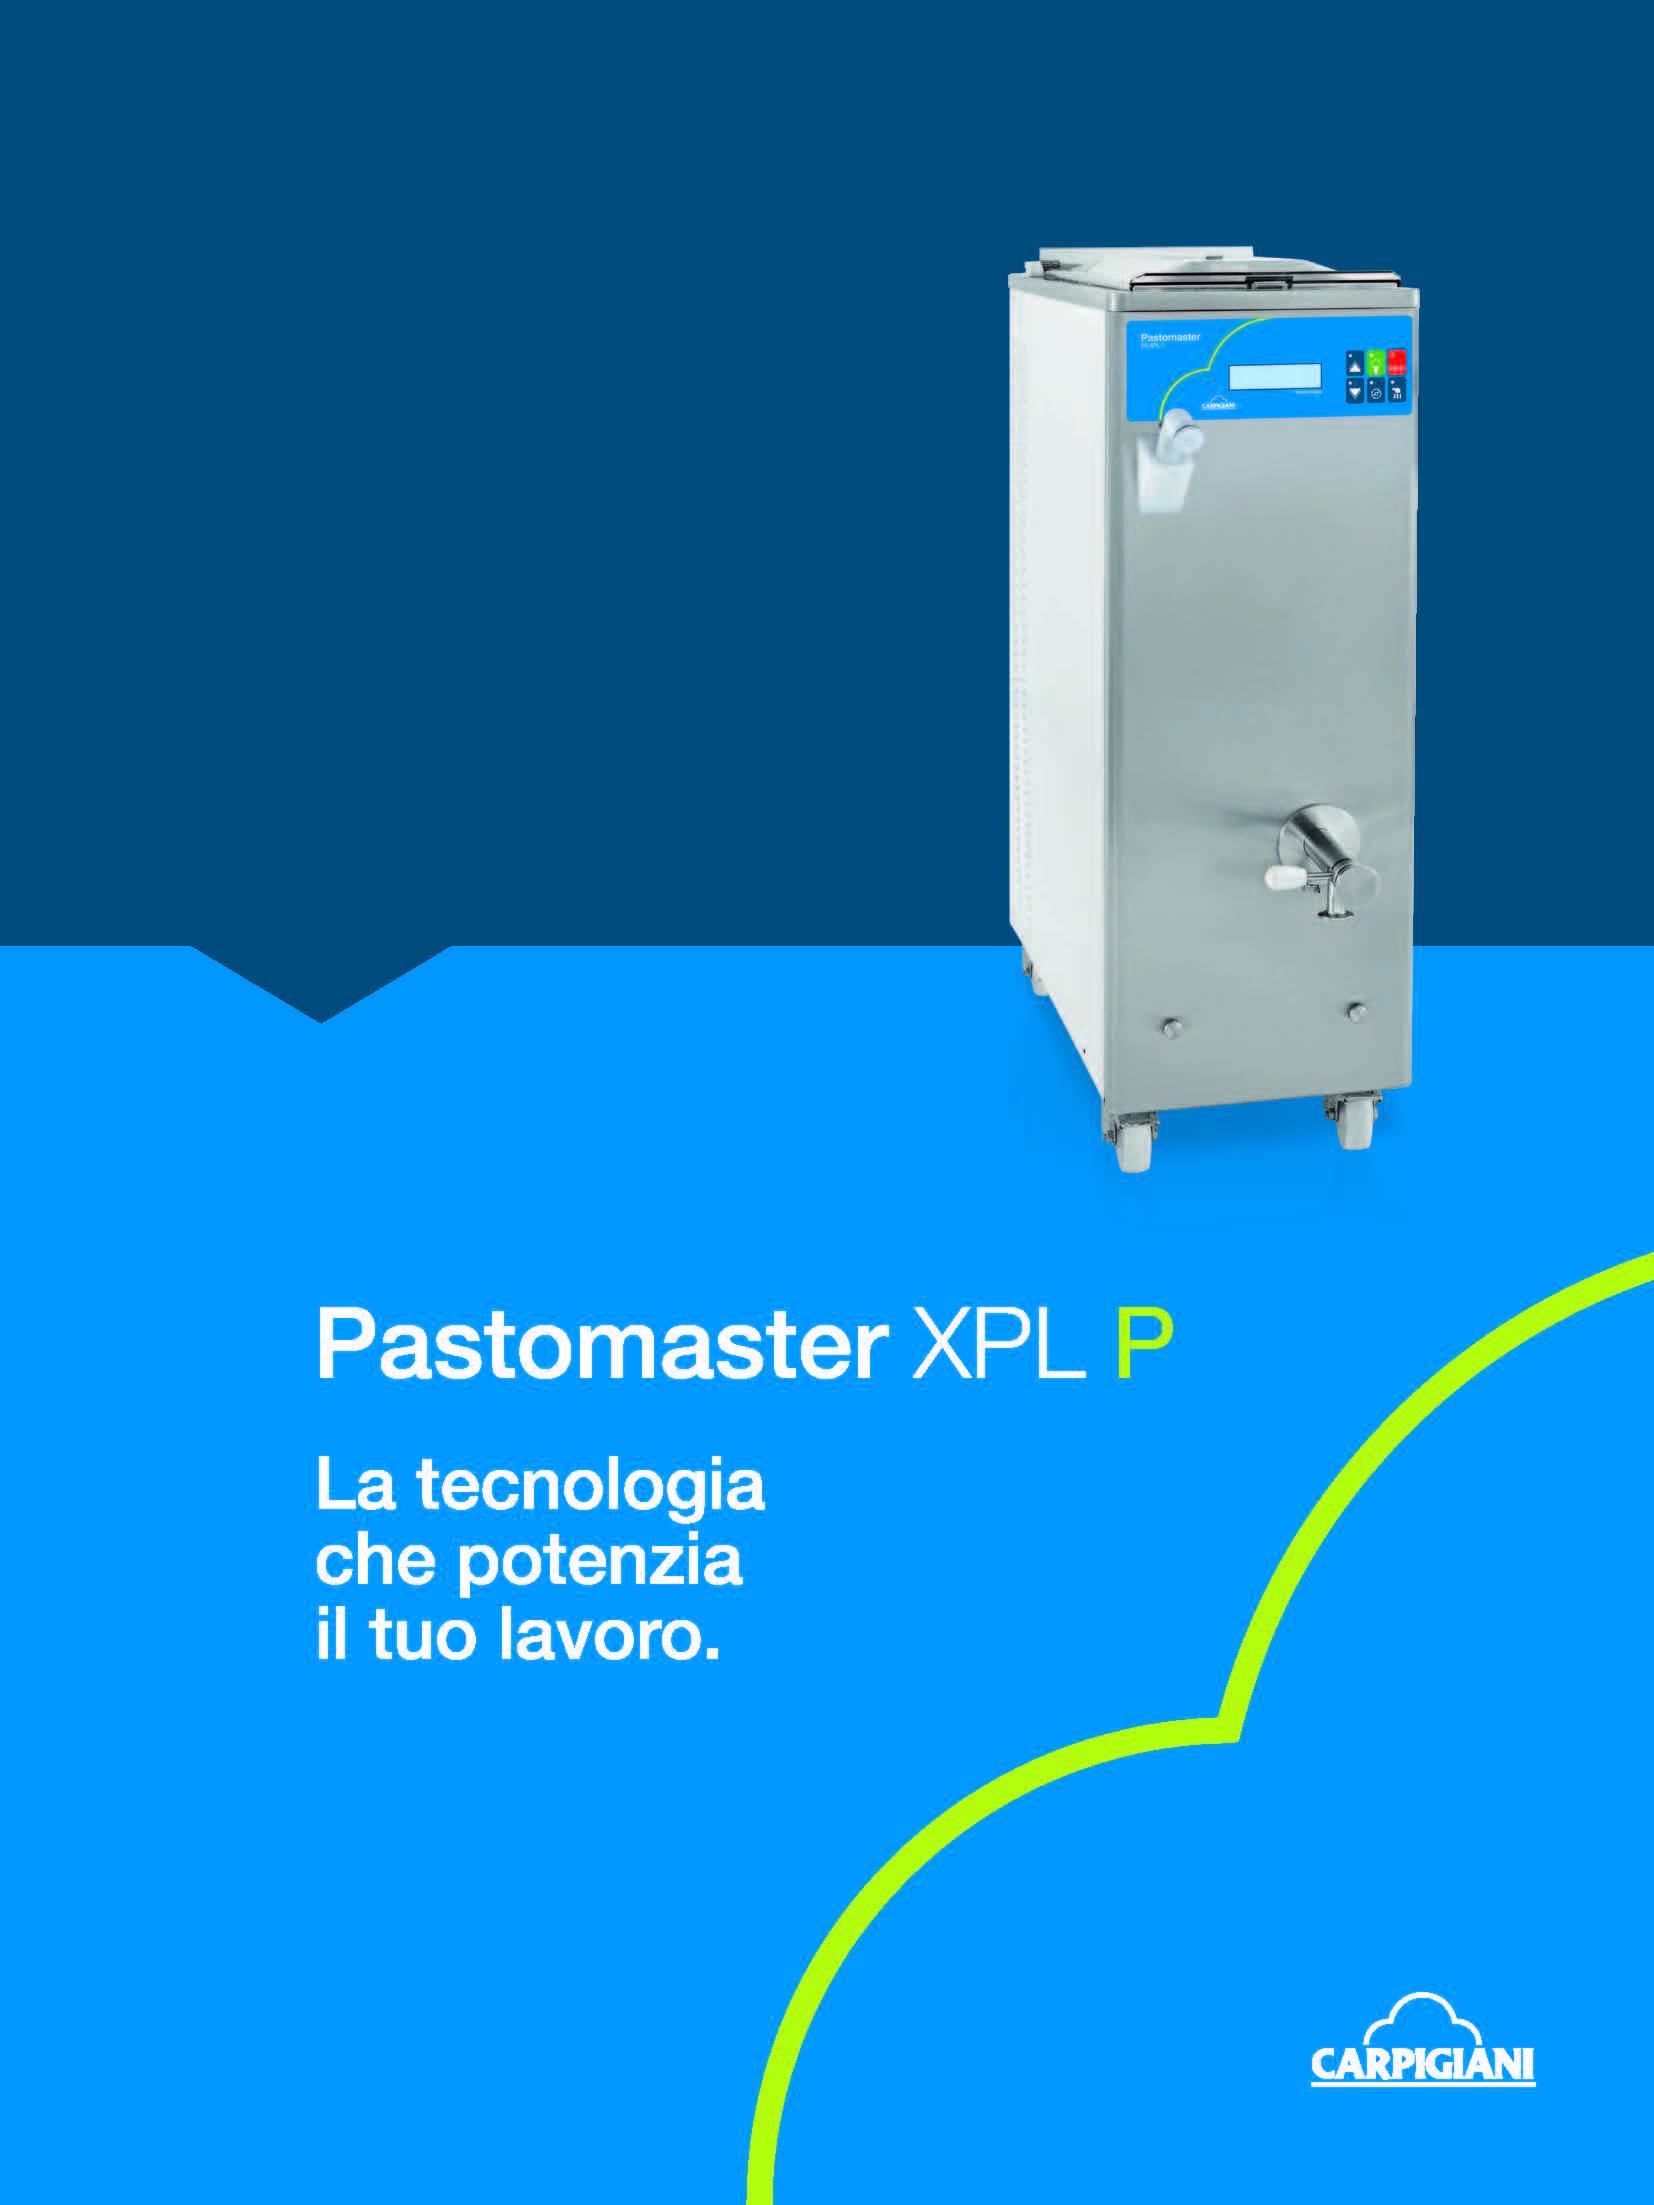 Carpigiani – Pastomaster XPL P